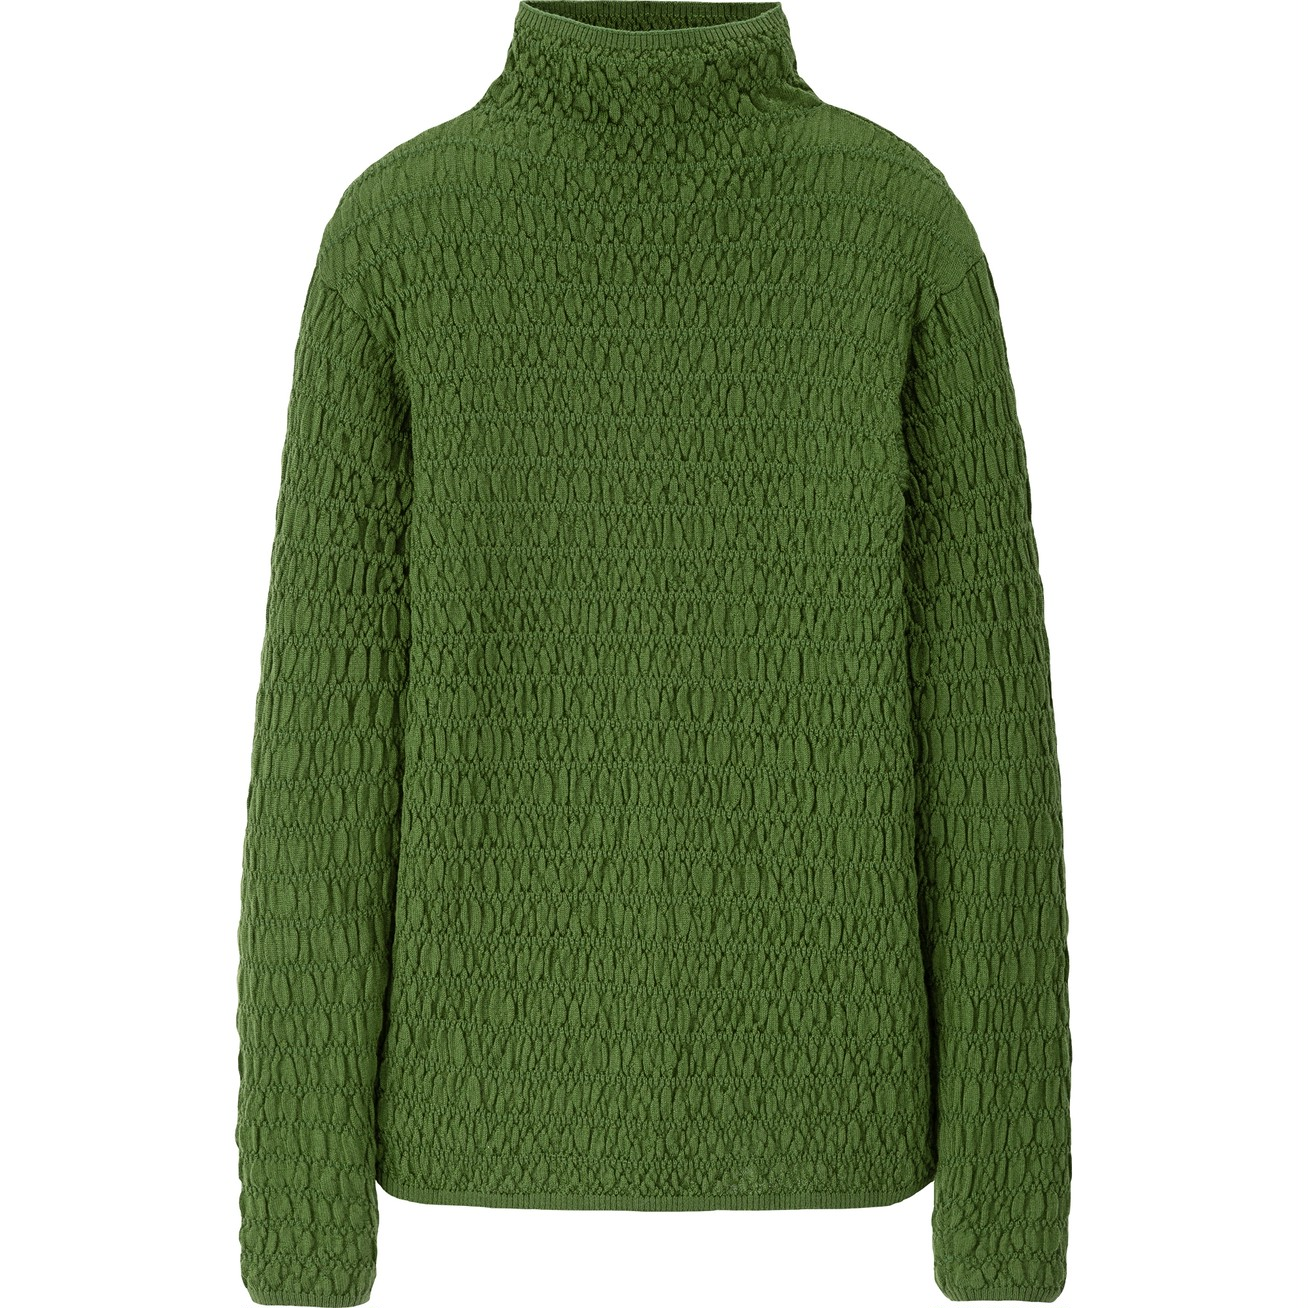 メリノブレンドシャーリングセーター(長袖)¥3990/ユニクロ(ユニクロ ユー)